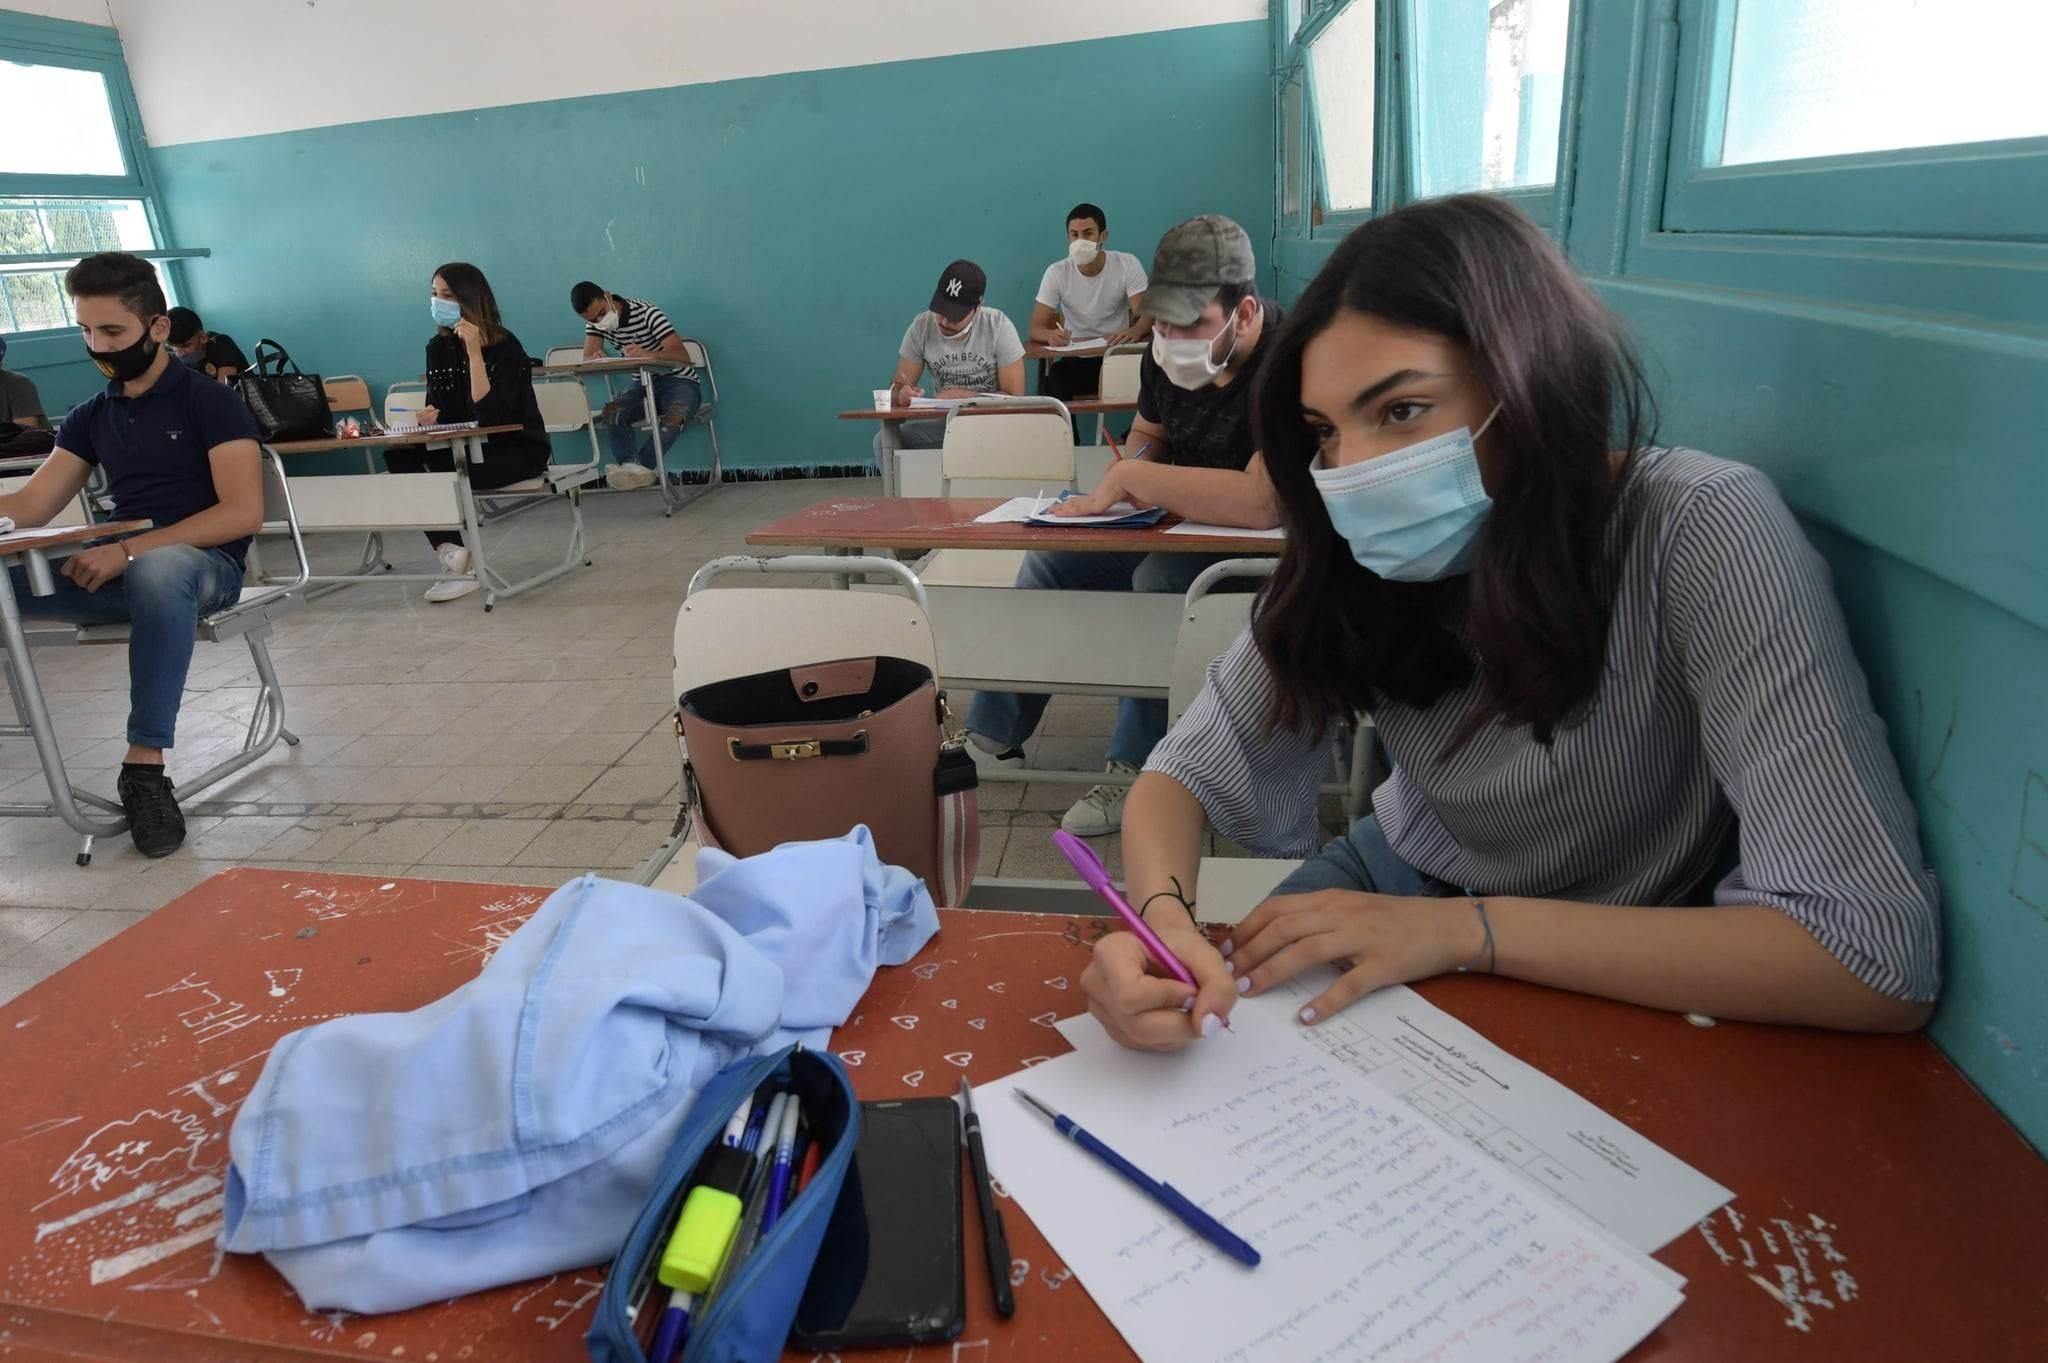 تم إقرار تأجيل العودة المدرسية بقرية تنبيب التابعة لمعتمدية قبلي الشمالية